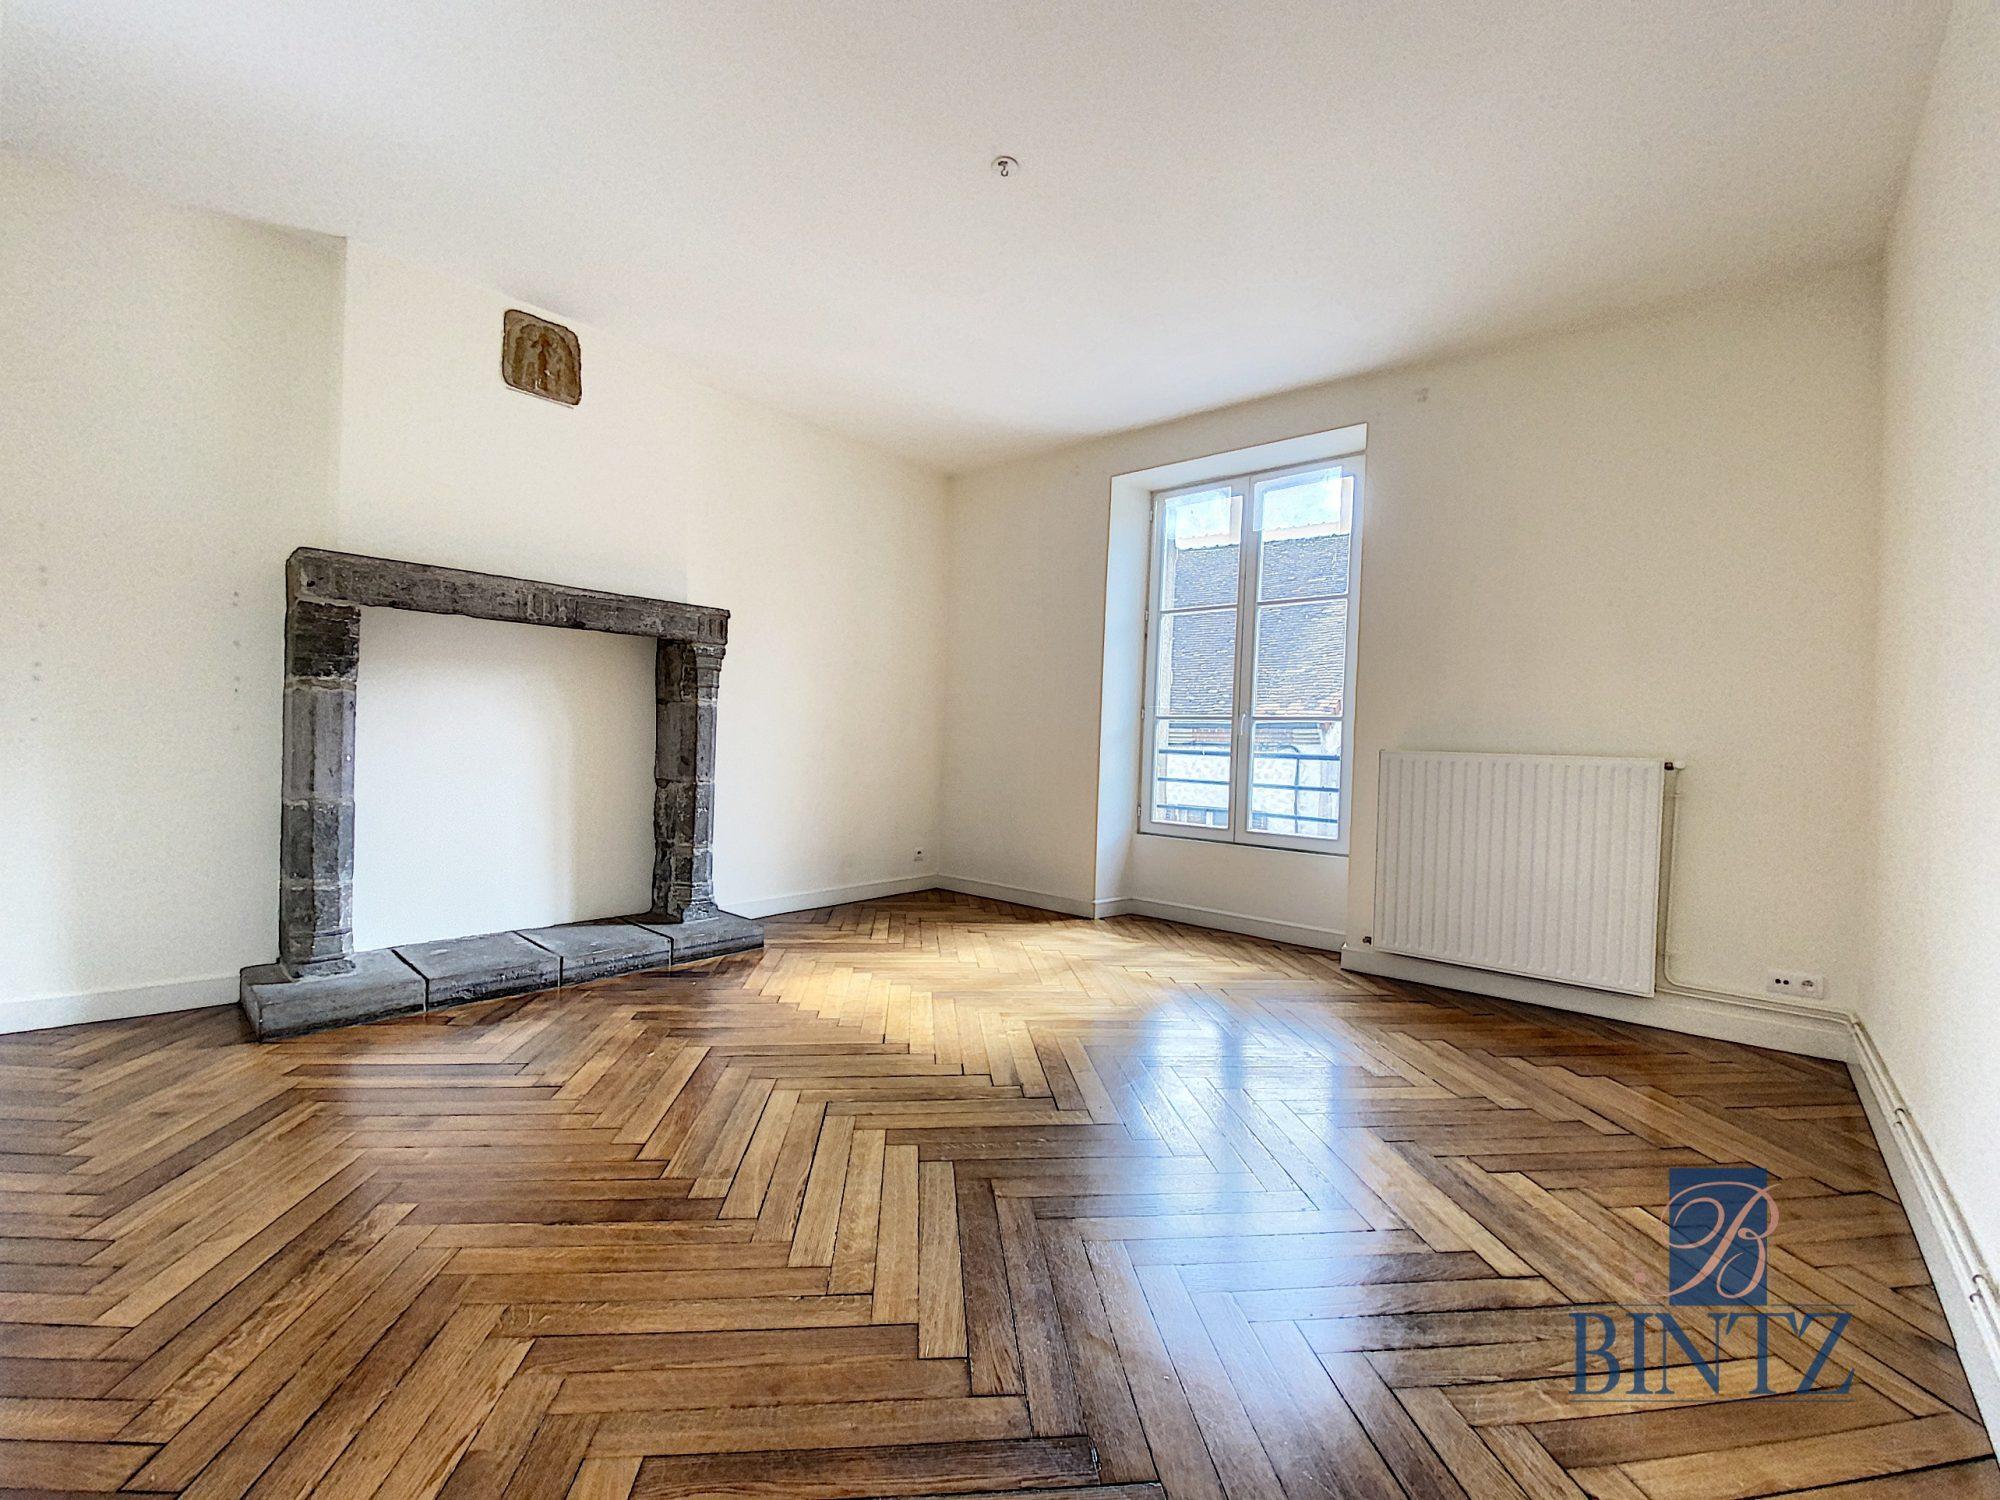 3 pièces toulon/arroux 1er maison de maitre - Devenez locataire en toute sérénité - Bintz Immobilier - 2